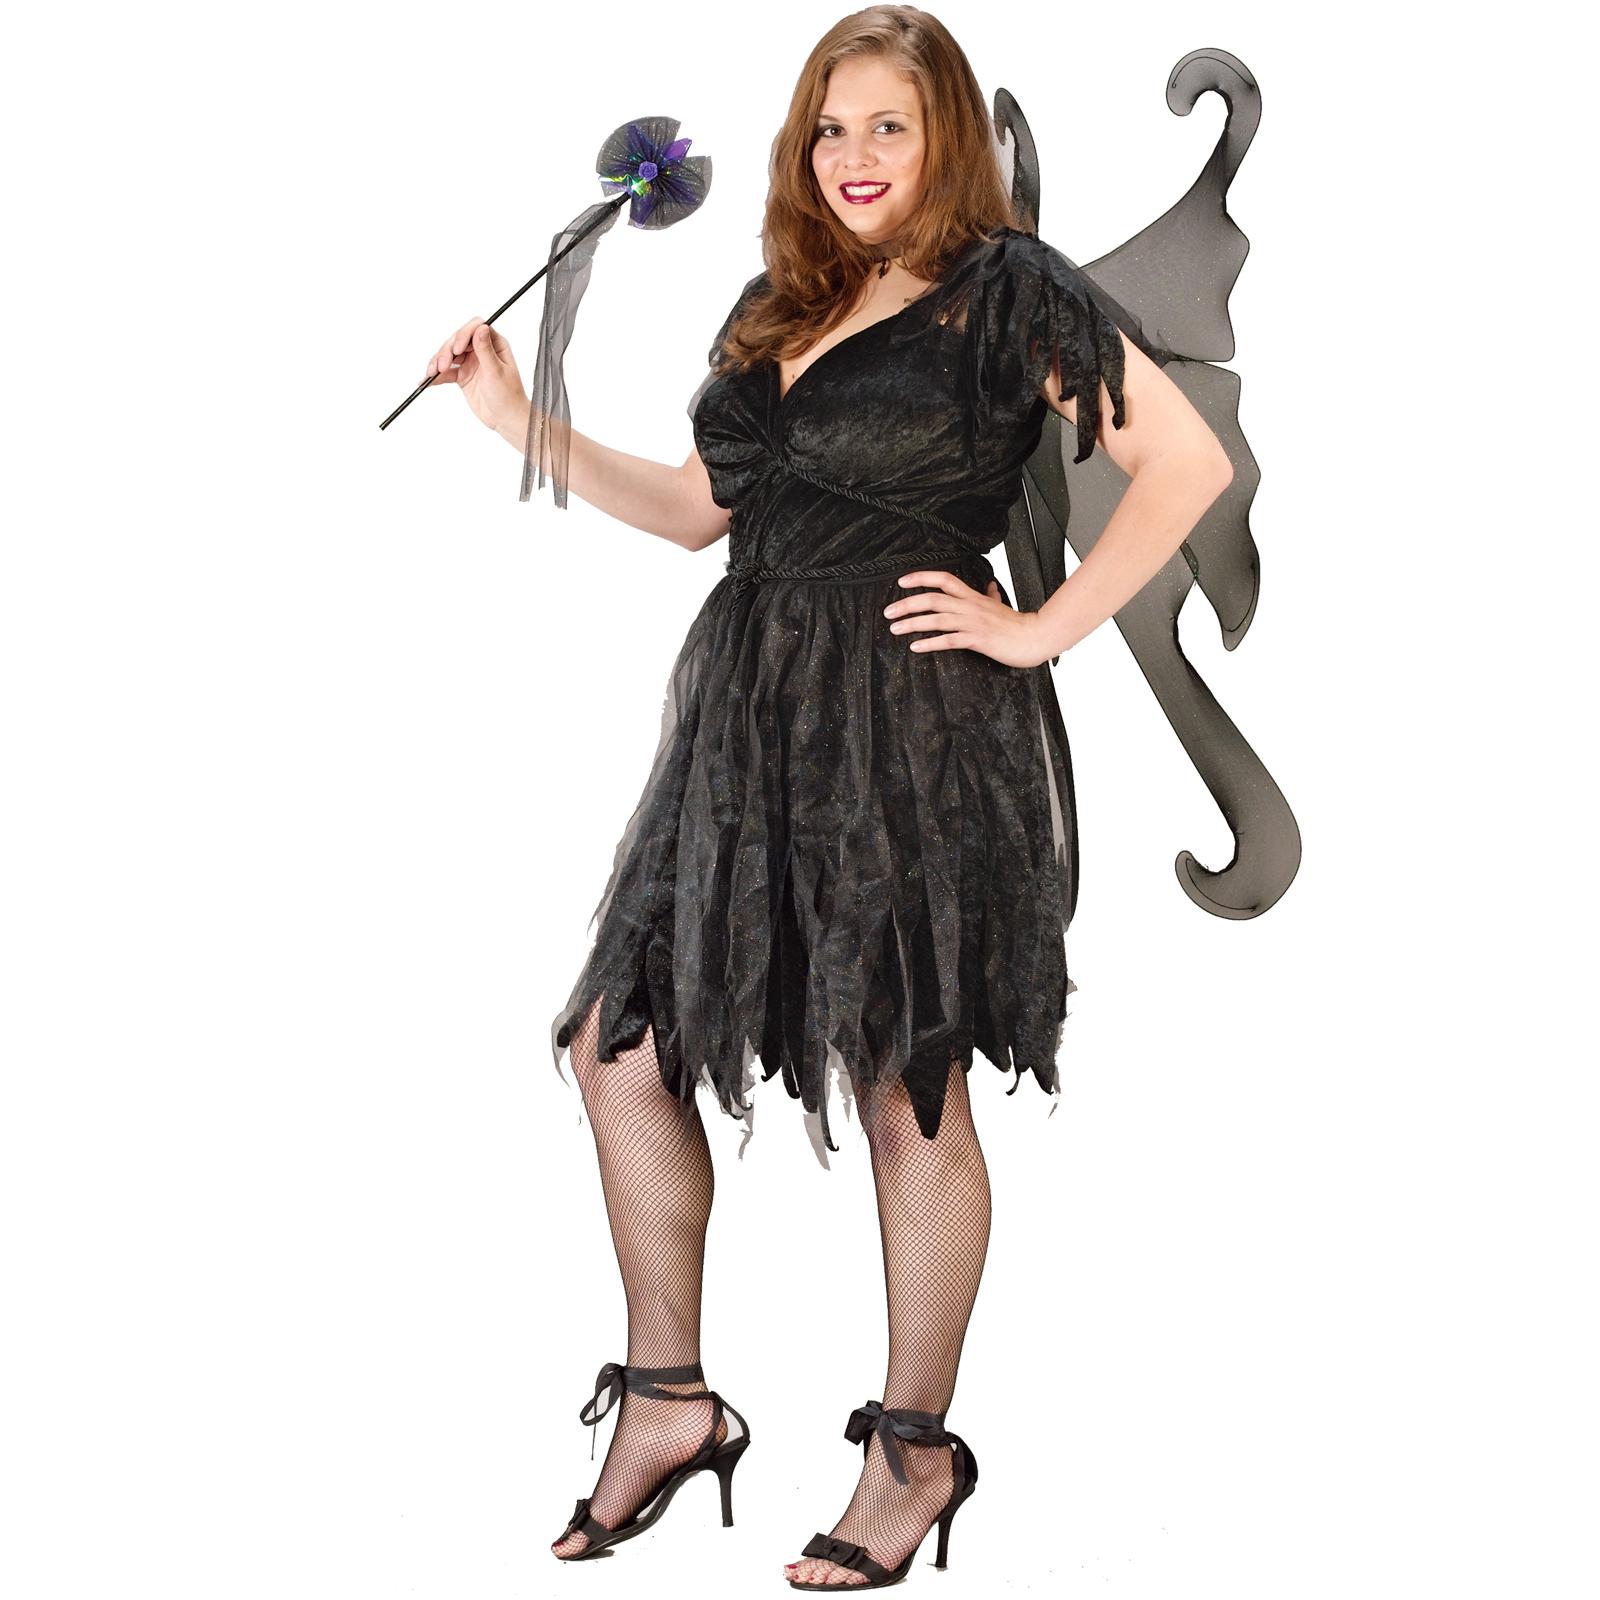 Костюм на хэллоуин для девушек своими руками фото в домашних условиях